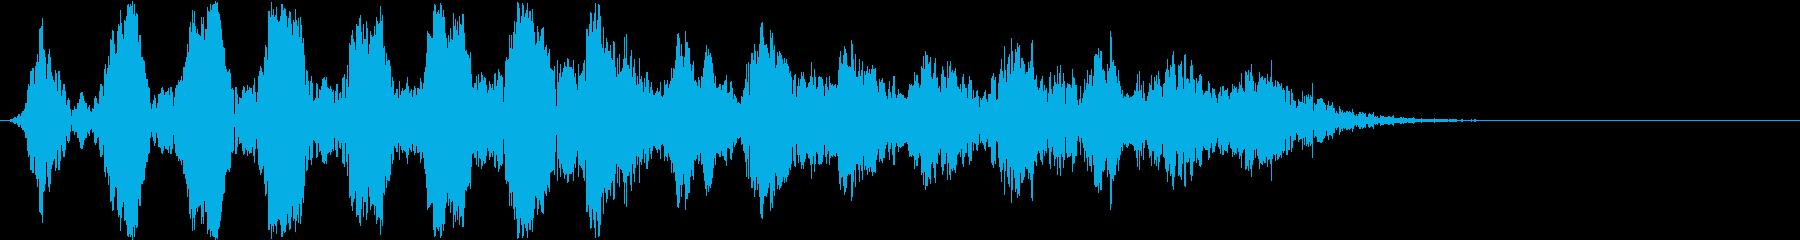 徐々にムクムク大きくなるイメージの効果音の再生済みの波形